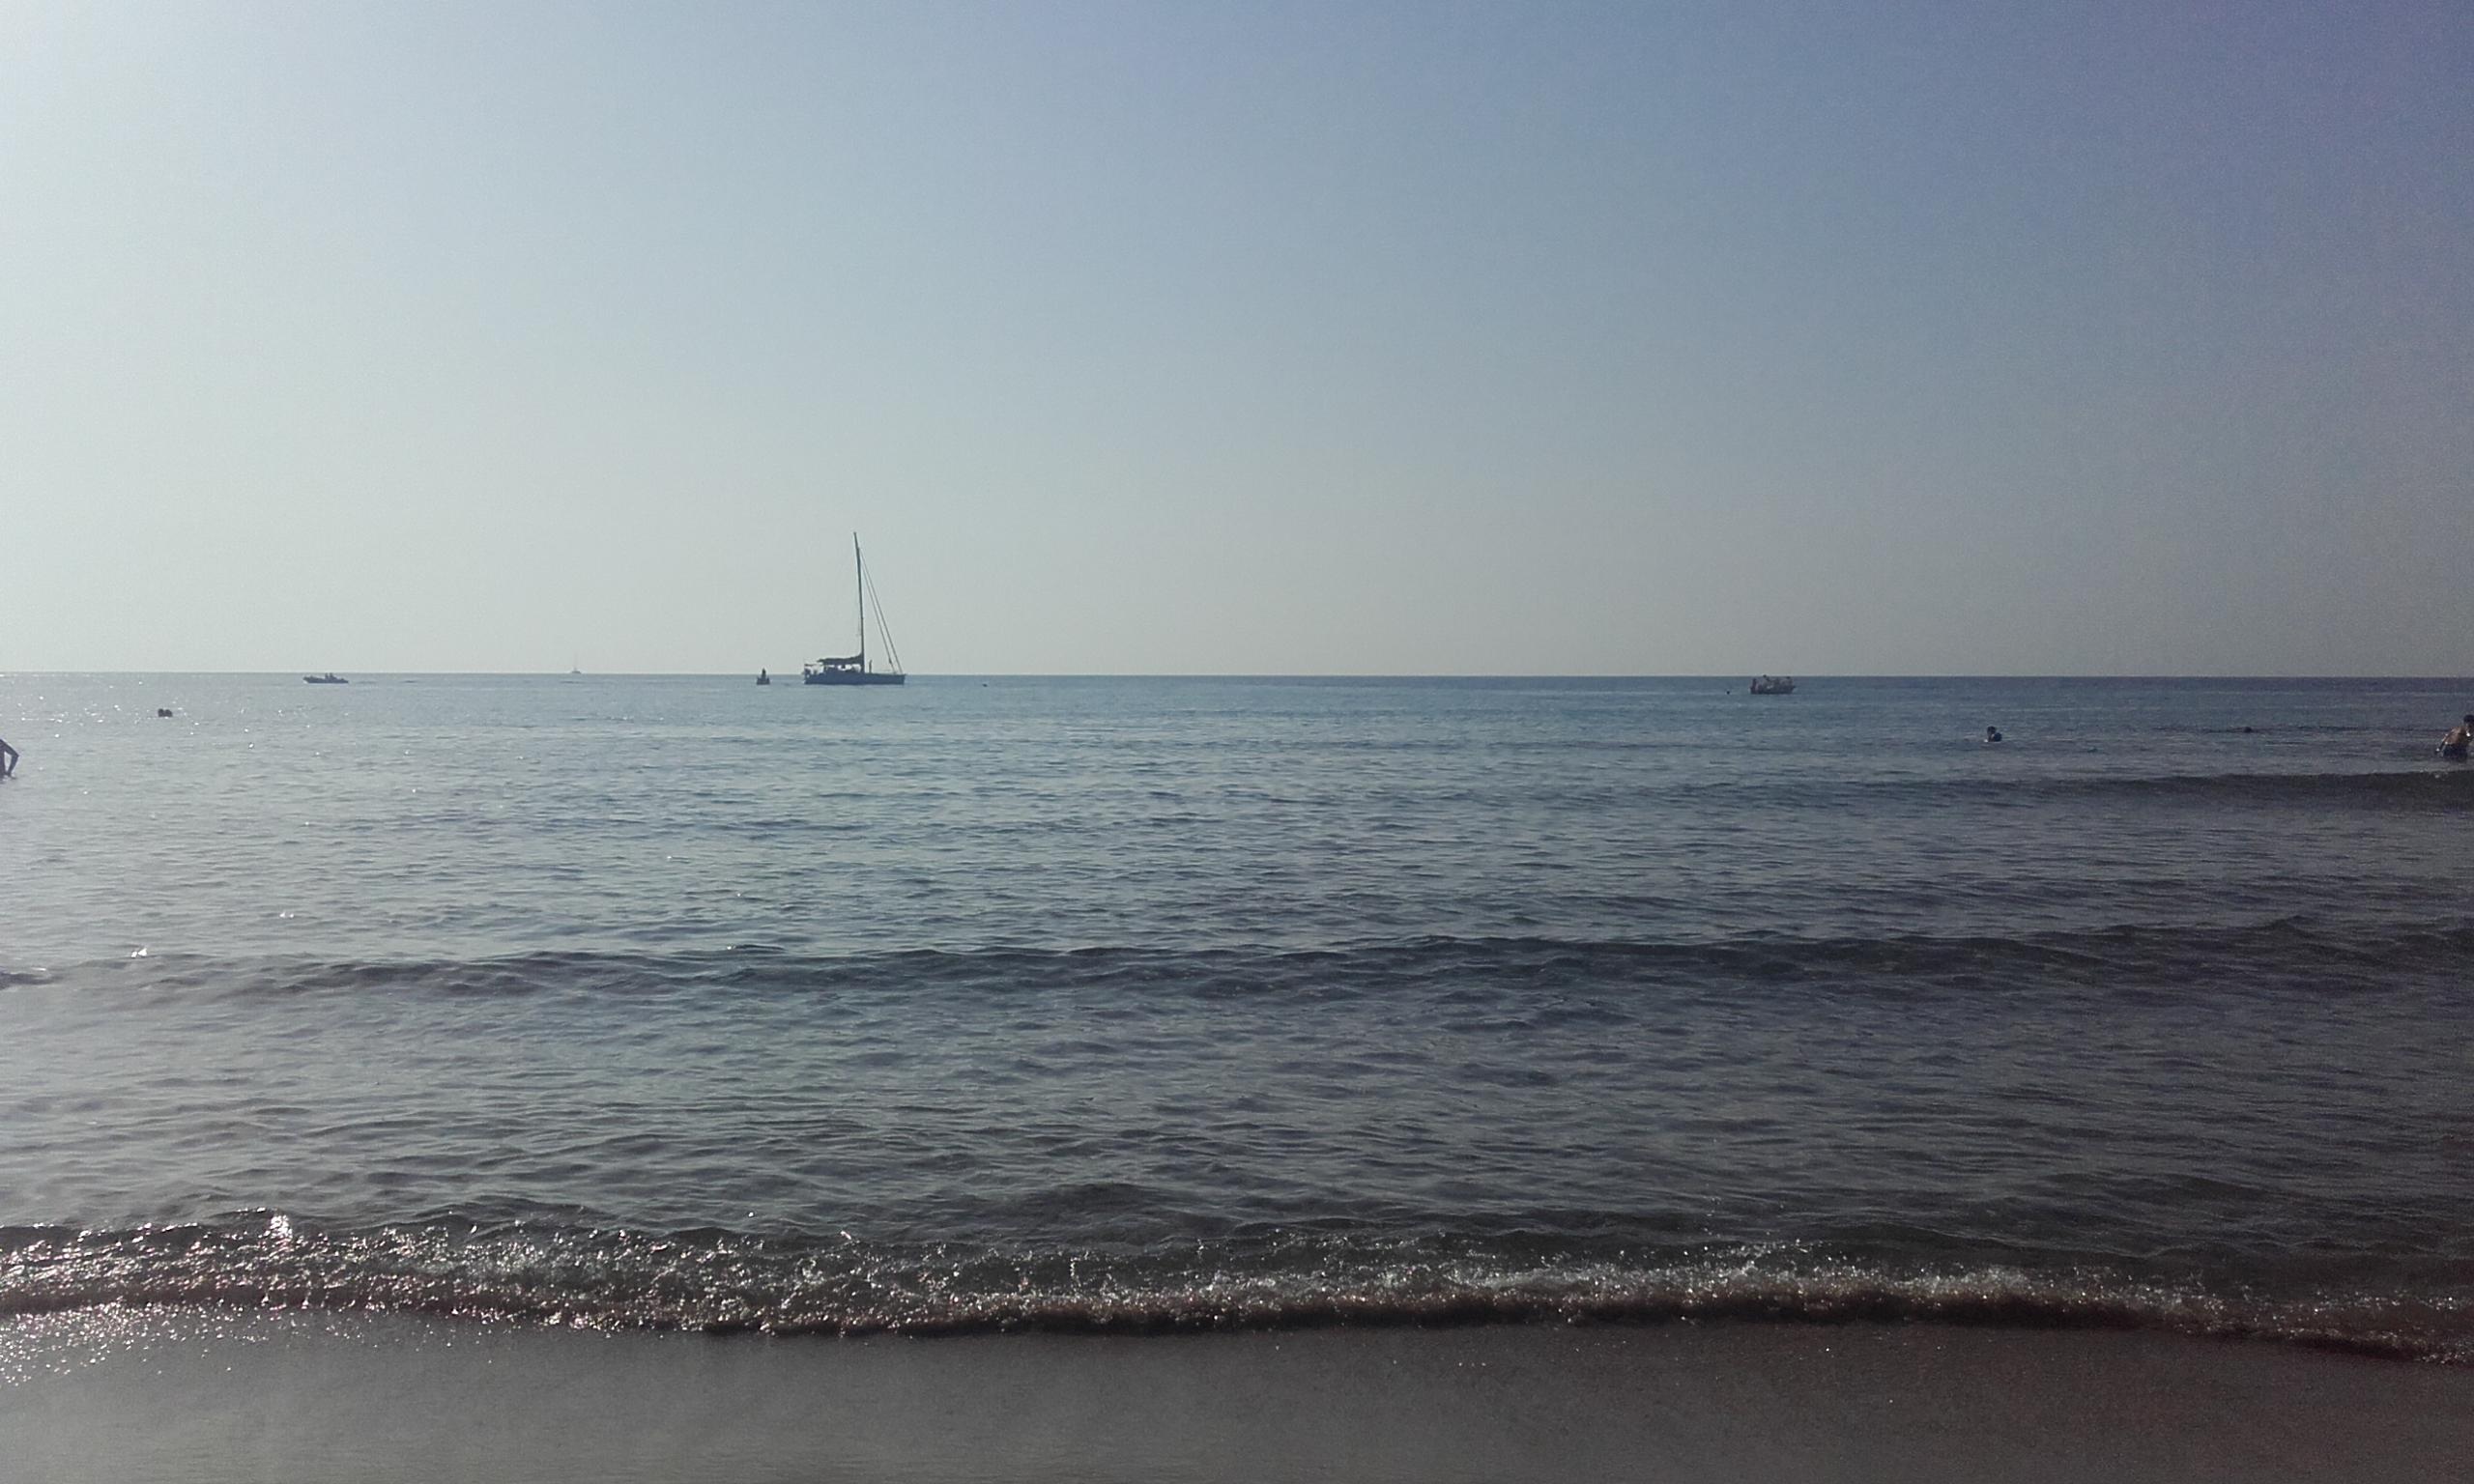 La orilla de la playa de Cefalú